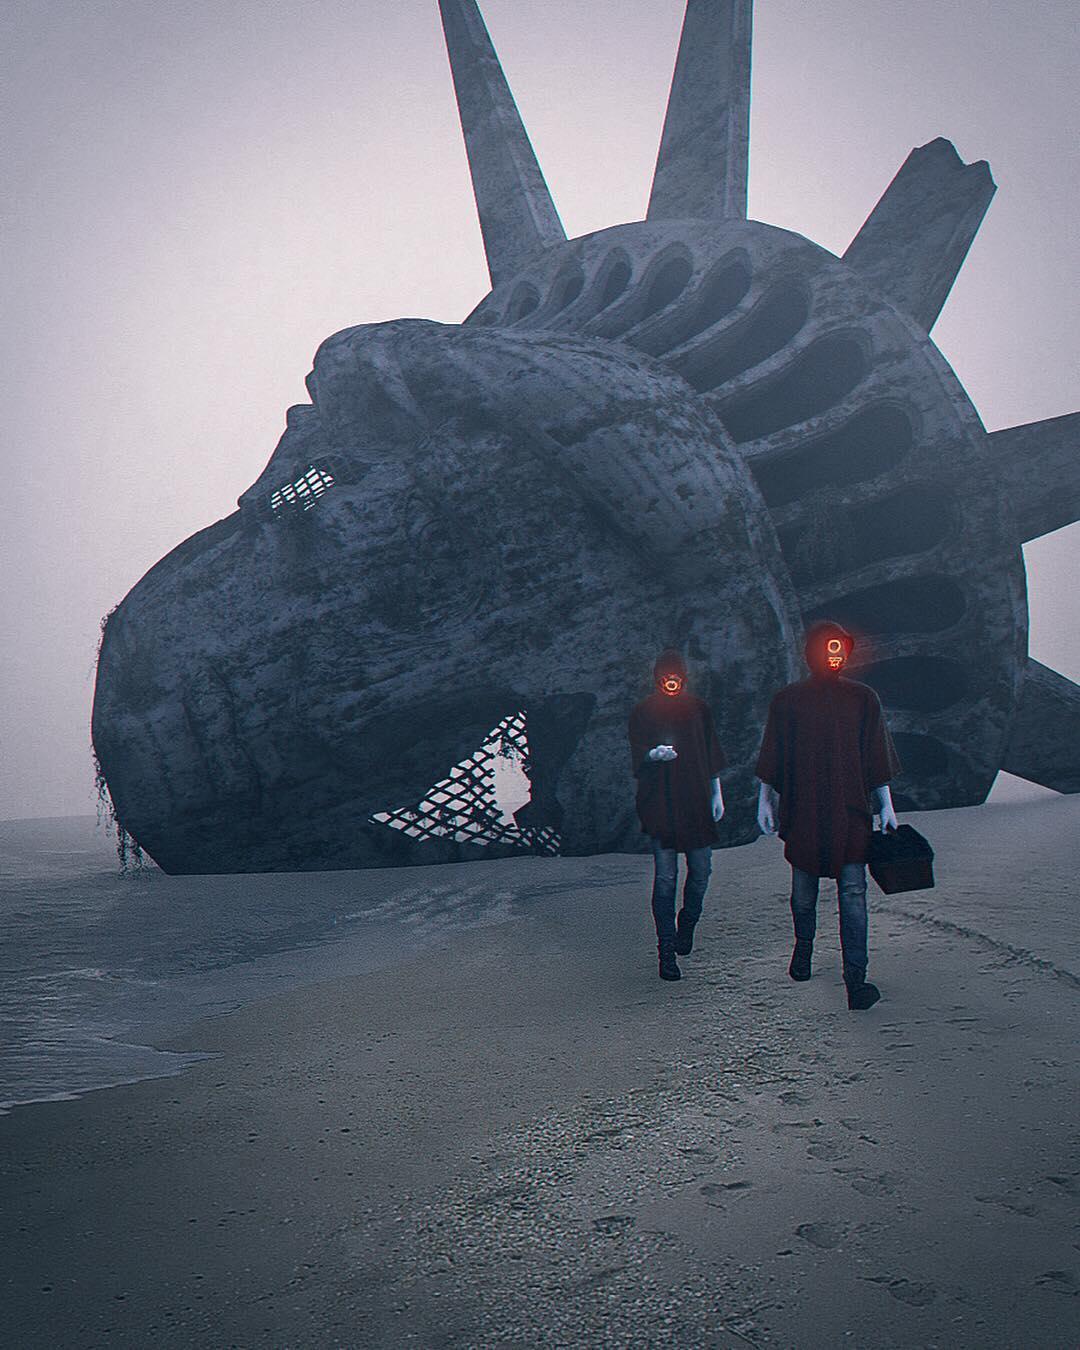 Increíble Cyberpunk y paisajes urbanos pos-apocalípticos por Justin Leduc